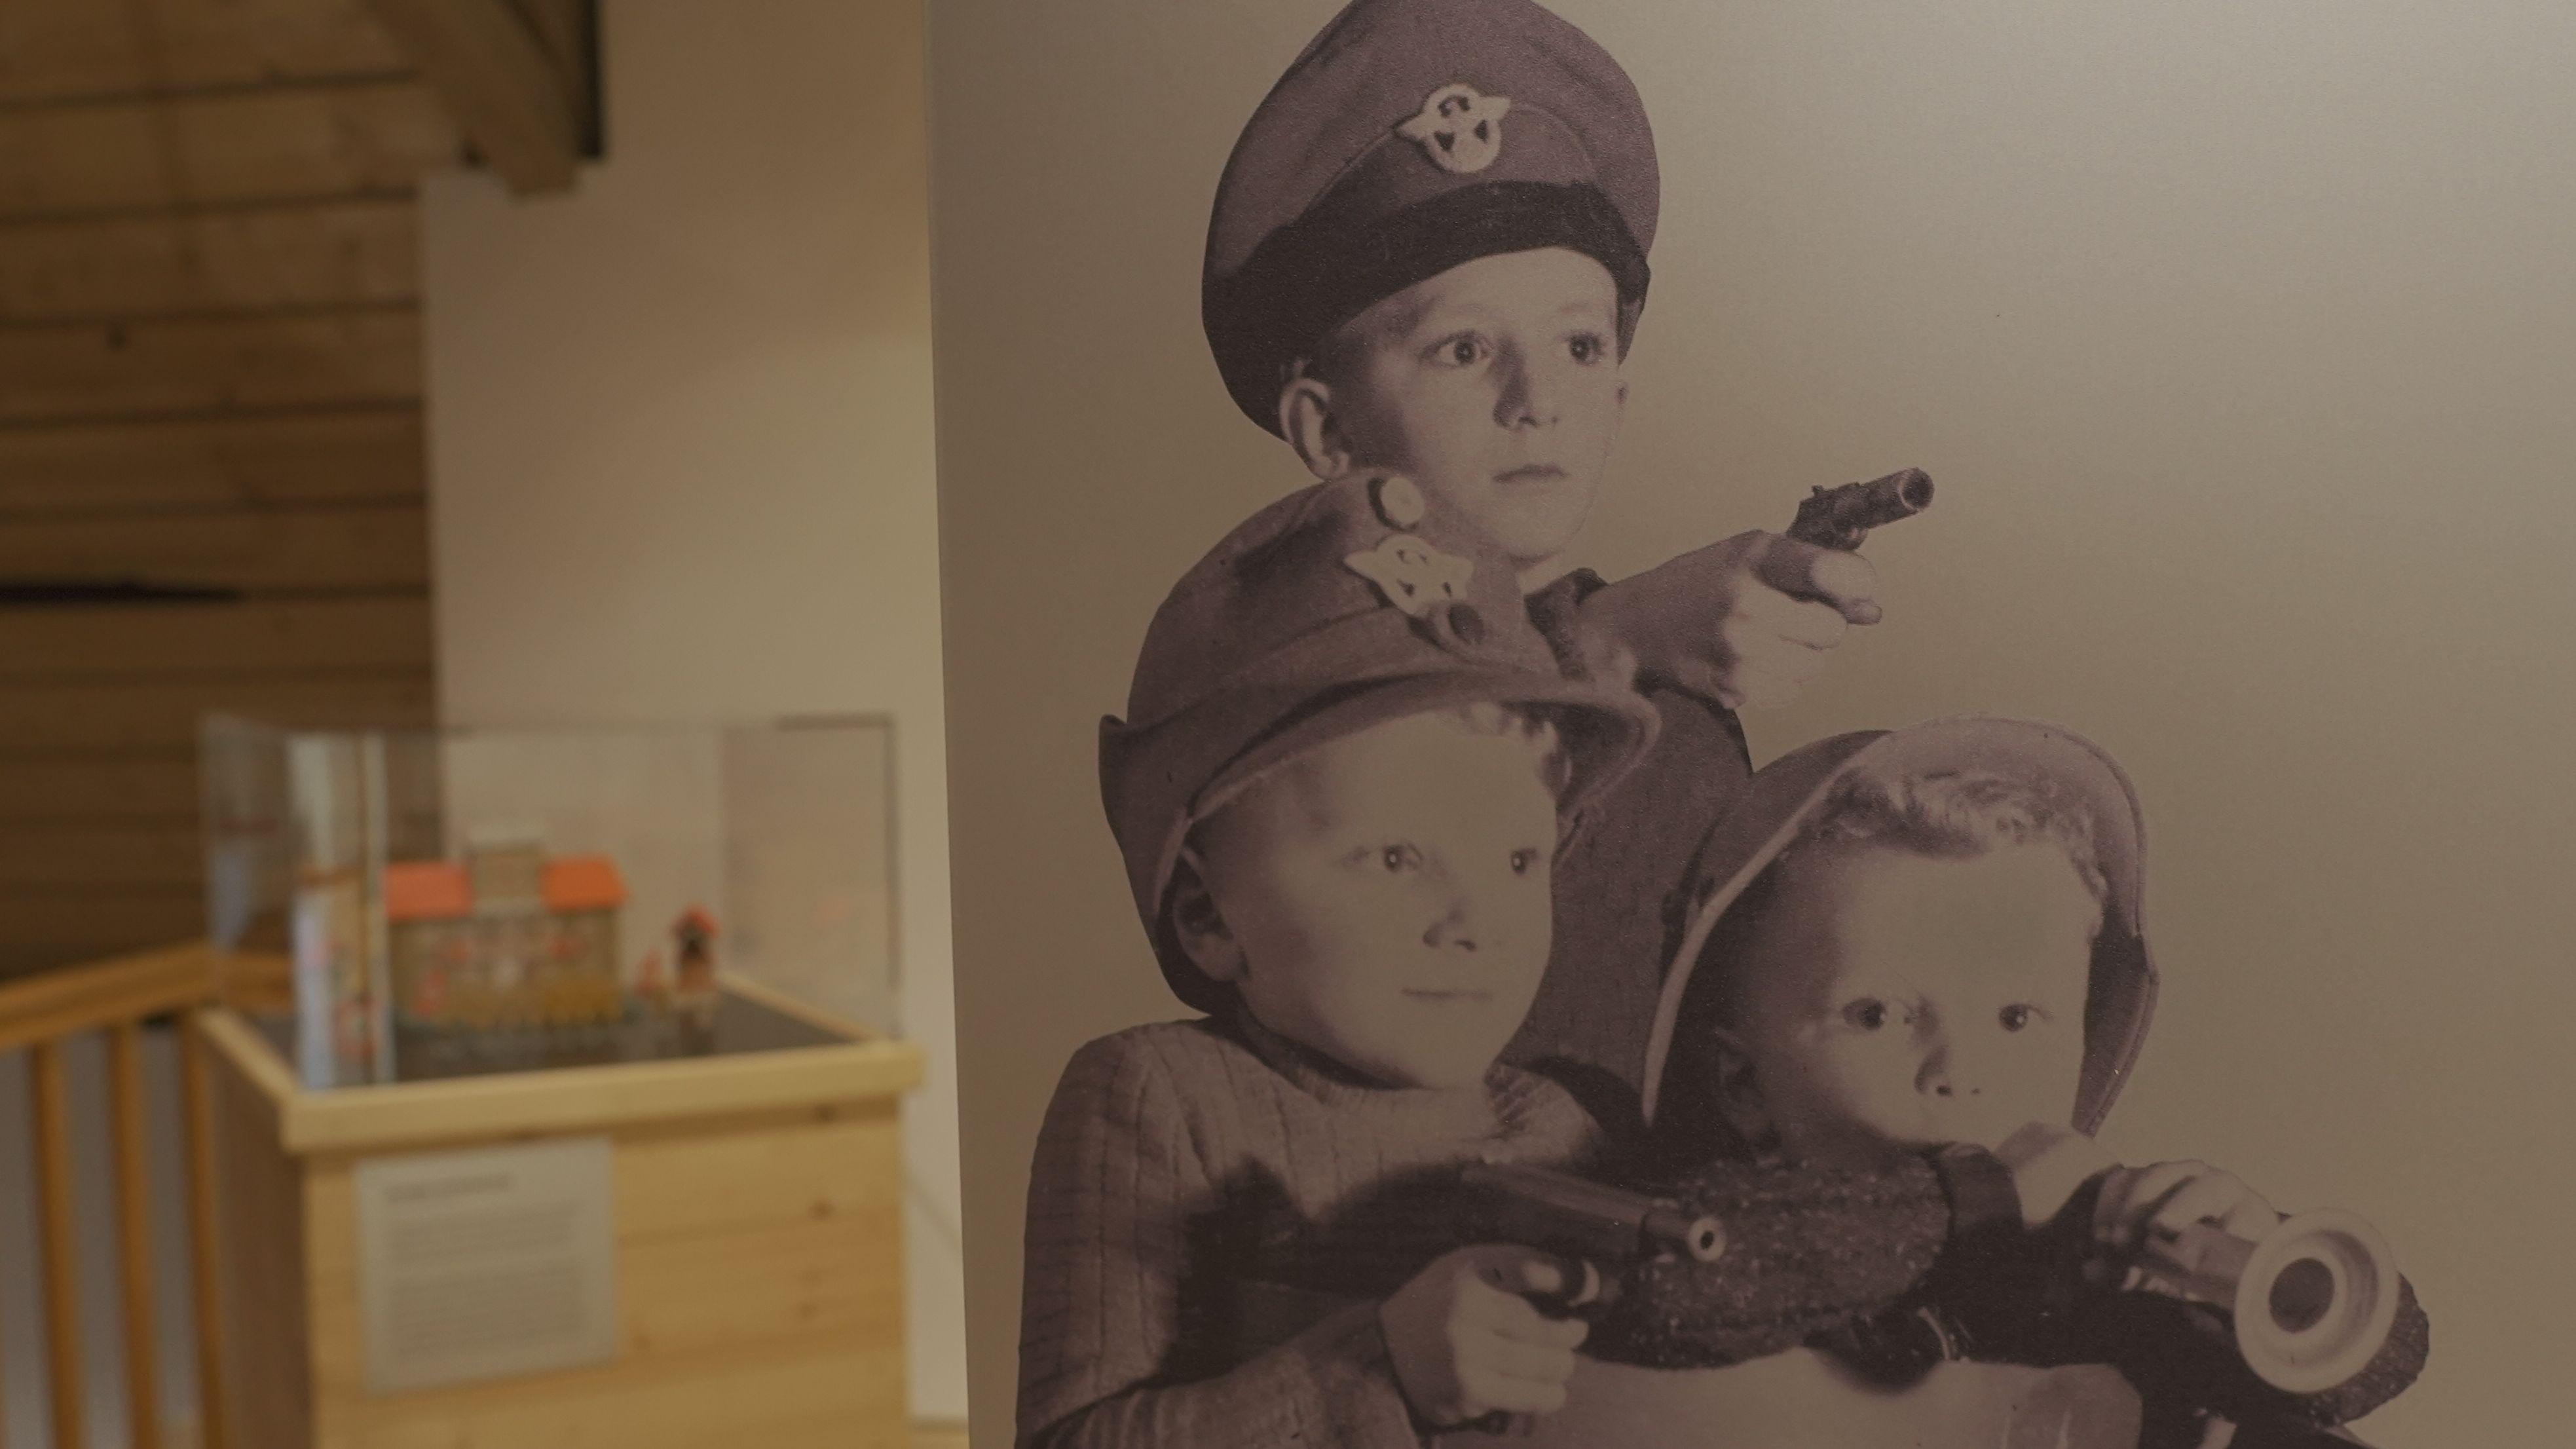 Altes Bild mit Kinder mit Spielzeugwaffen und Uniformen.